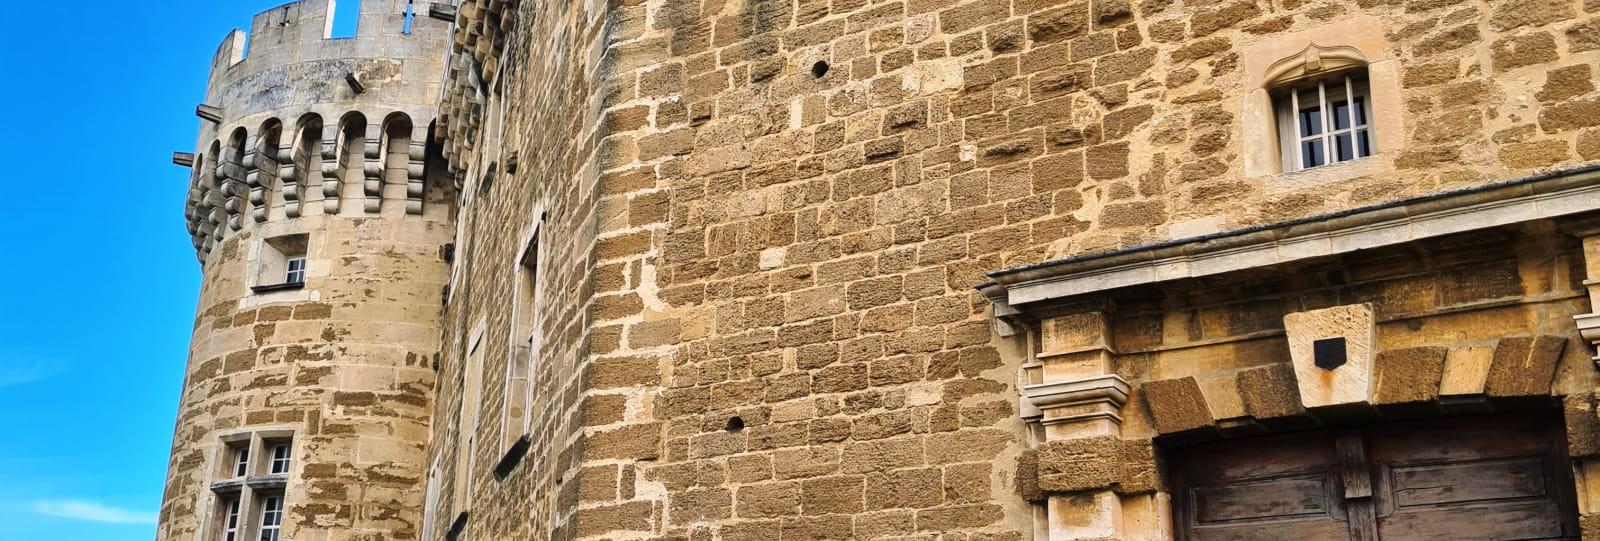 Circuit 'De la pierre à l'édifice' - Drôme Sud Provence